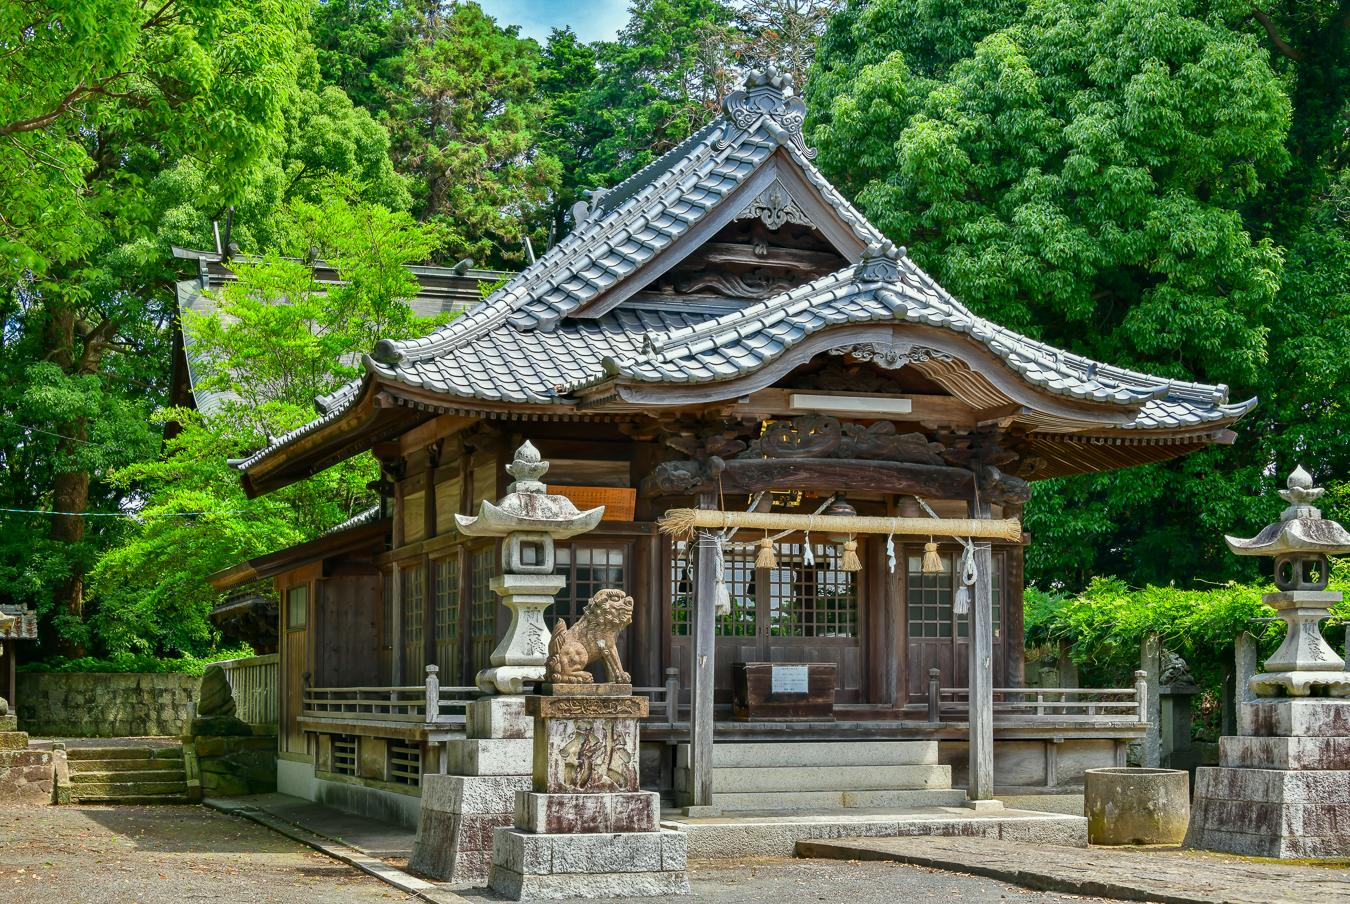 北九州の建築をめぐるvol.5/美しき木造建築の世界